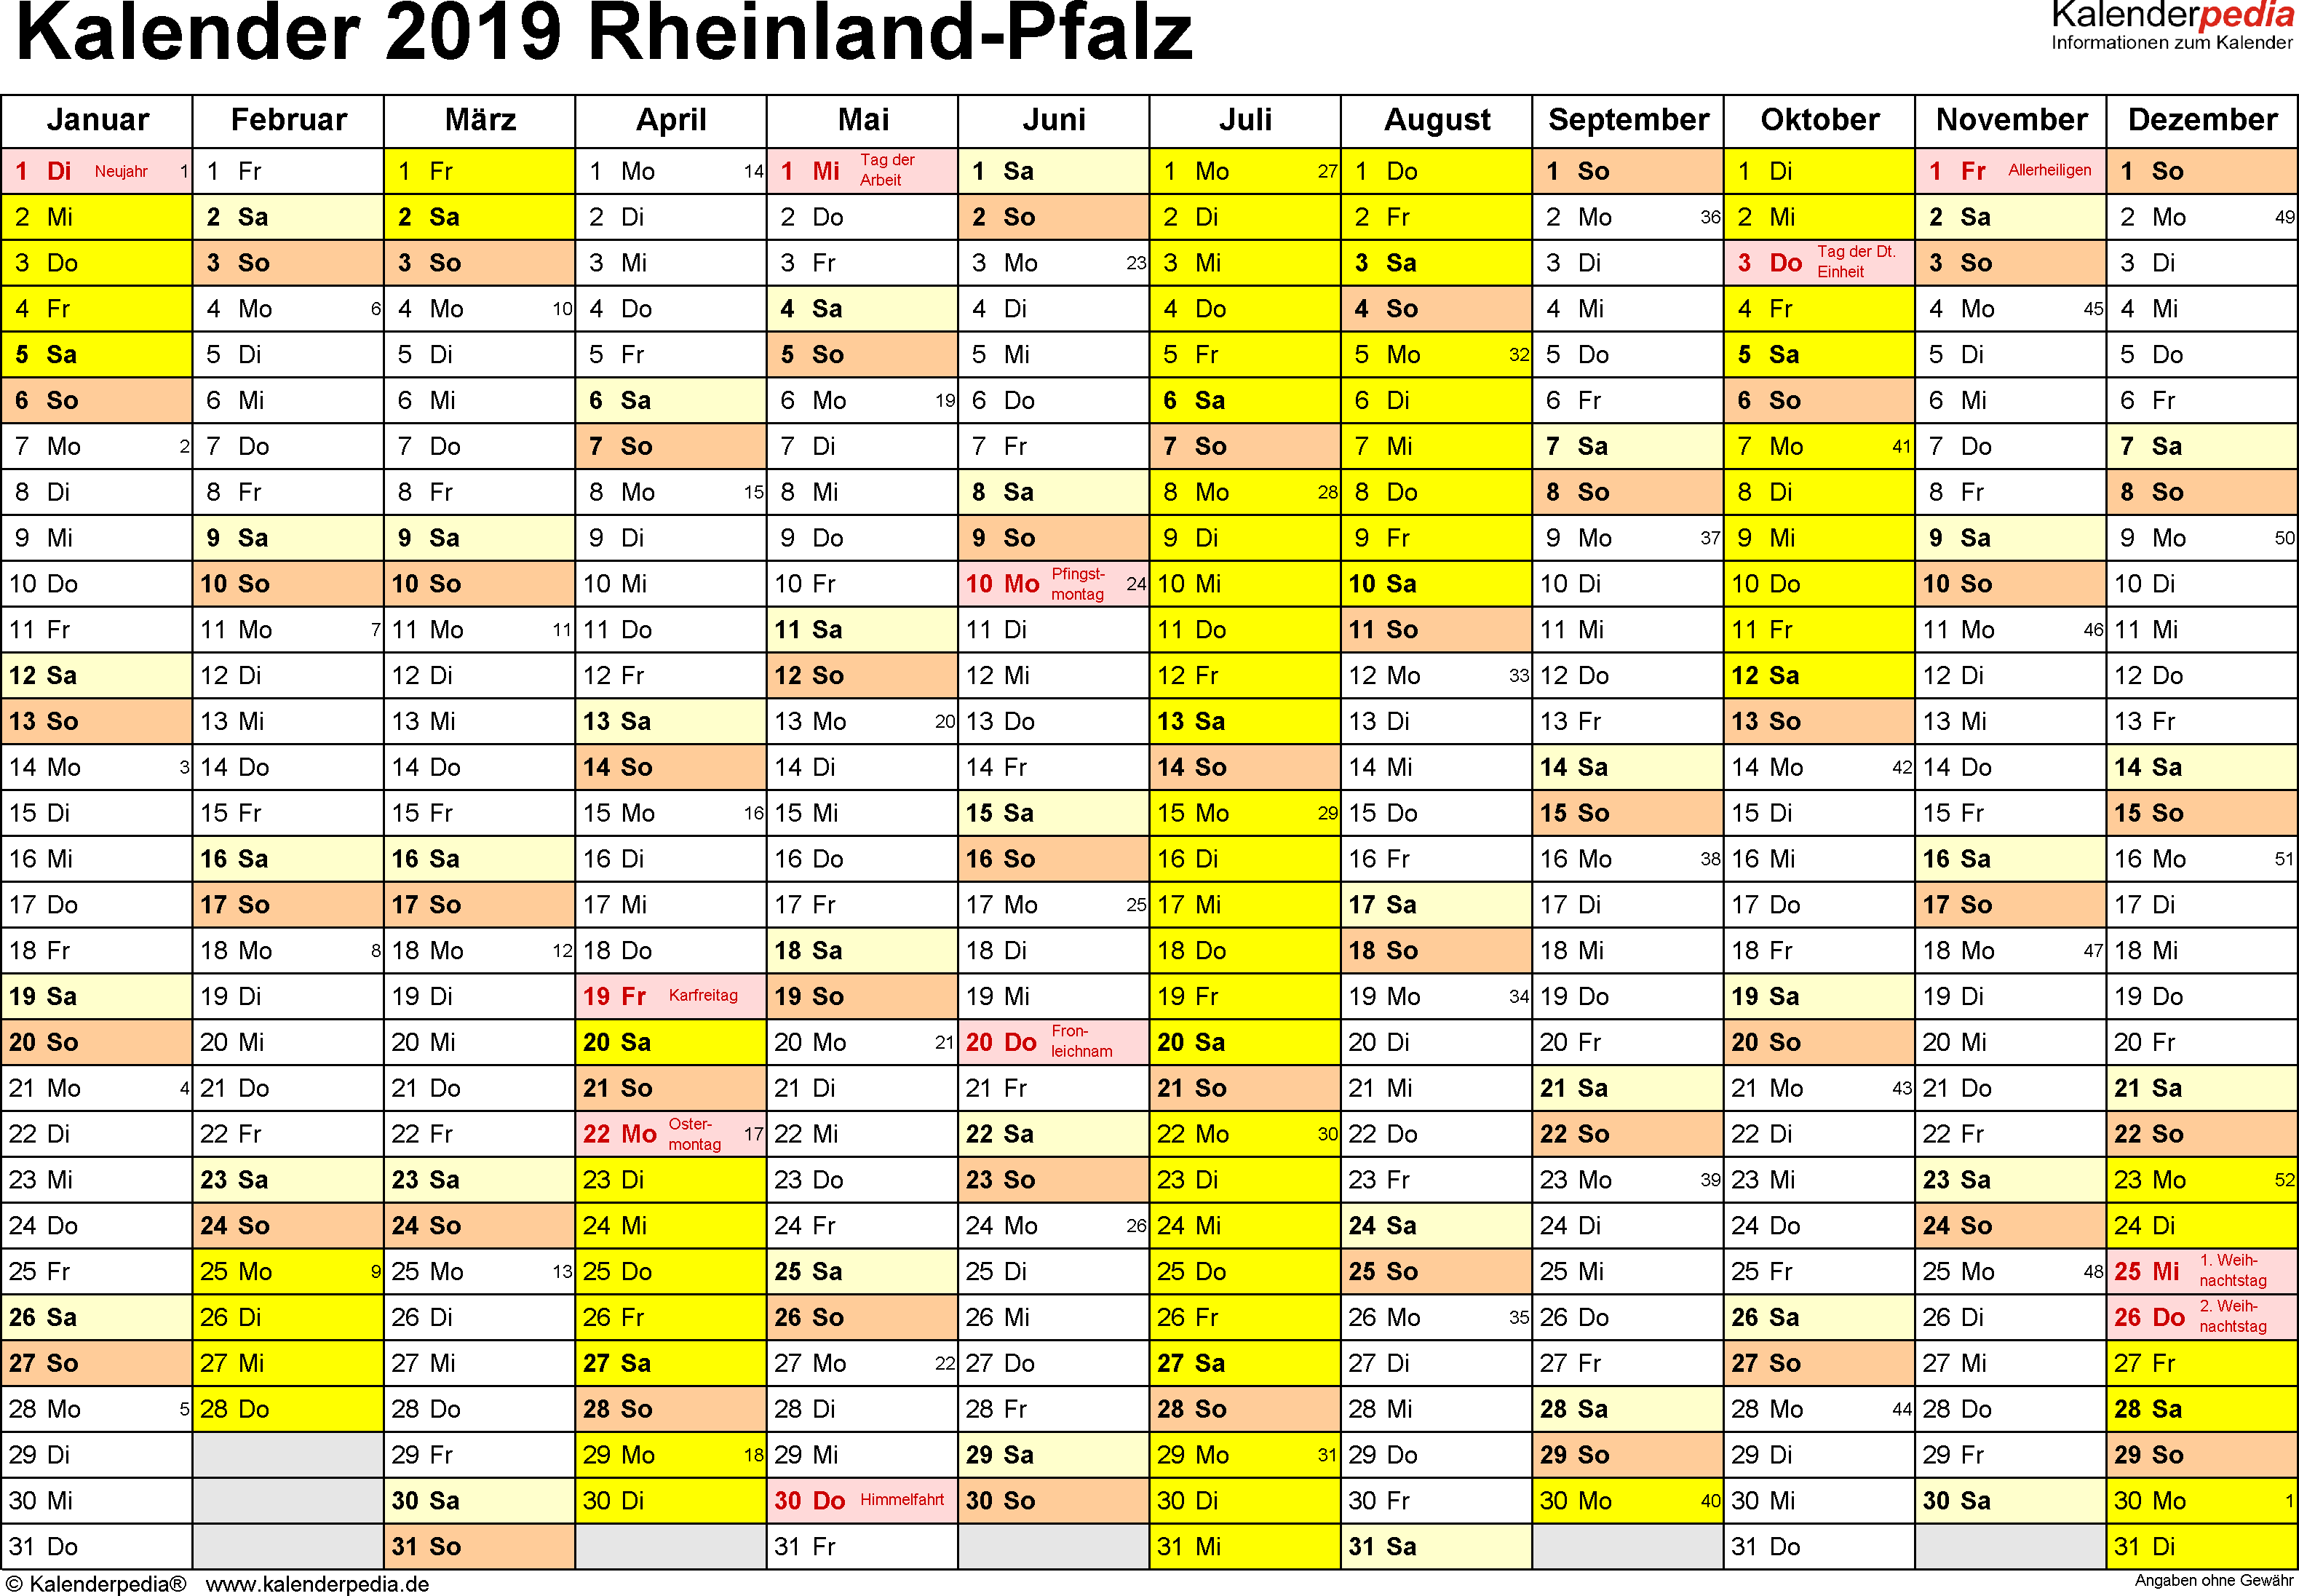 Vorlage 1: Kalender 2019 für Rheinland-Pfalz als PDF-Vorlage (Querformat, 1 Seite)